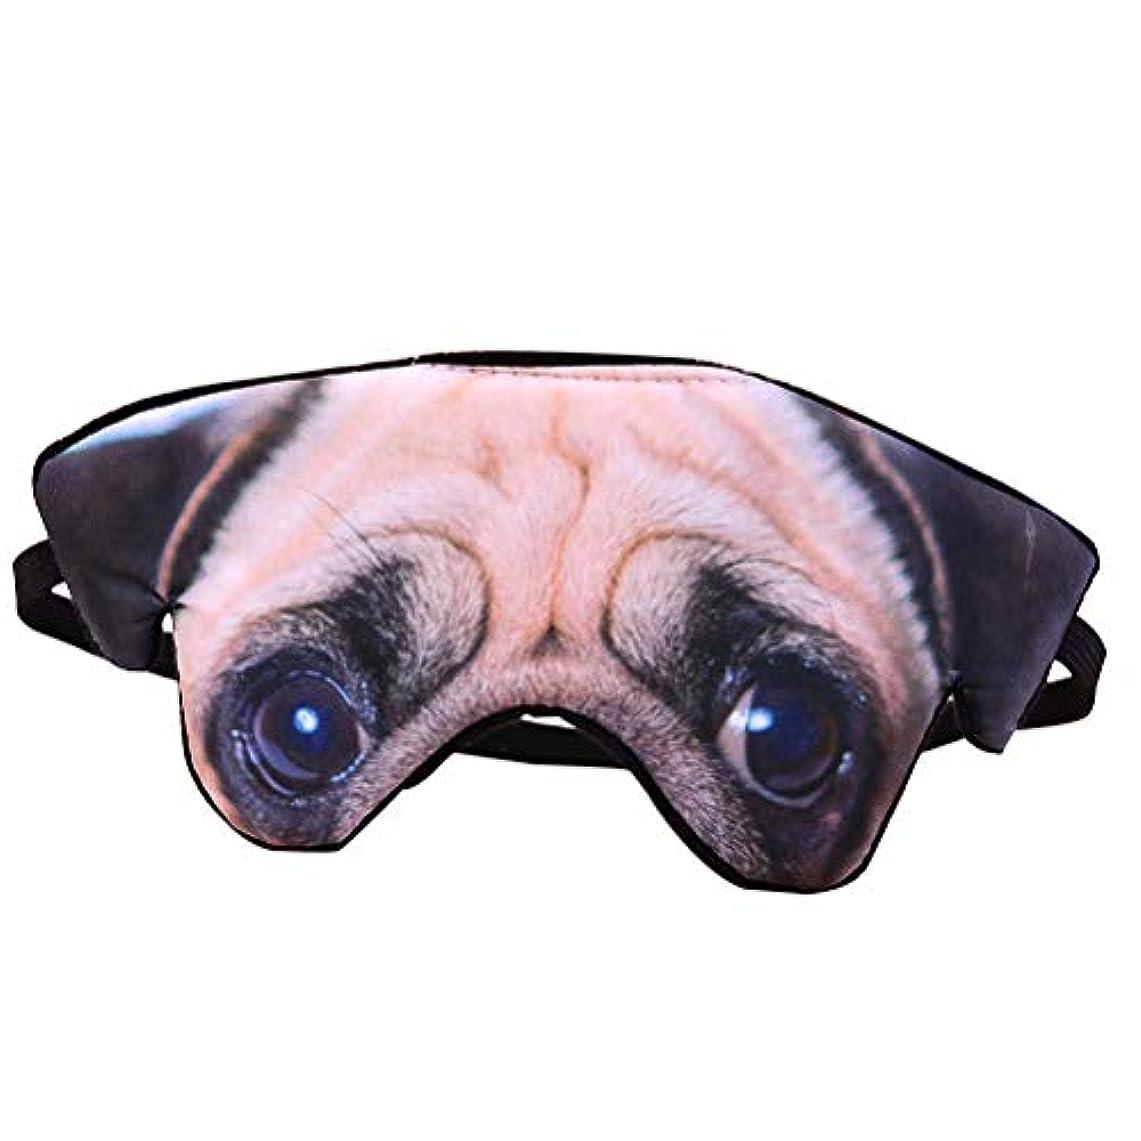 不運パワーセル理解するSUPVOX かわいい睡眠マスク目の睡眠マスクの子供のアイマスクパグのパターン(パグ)